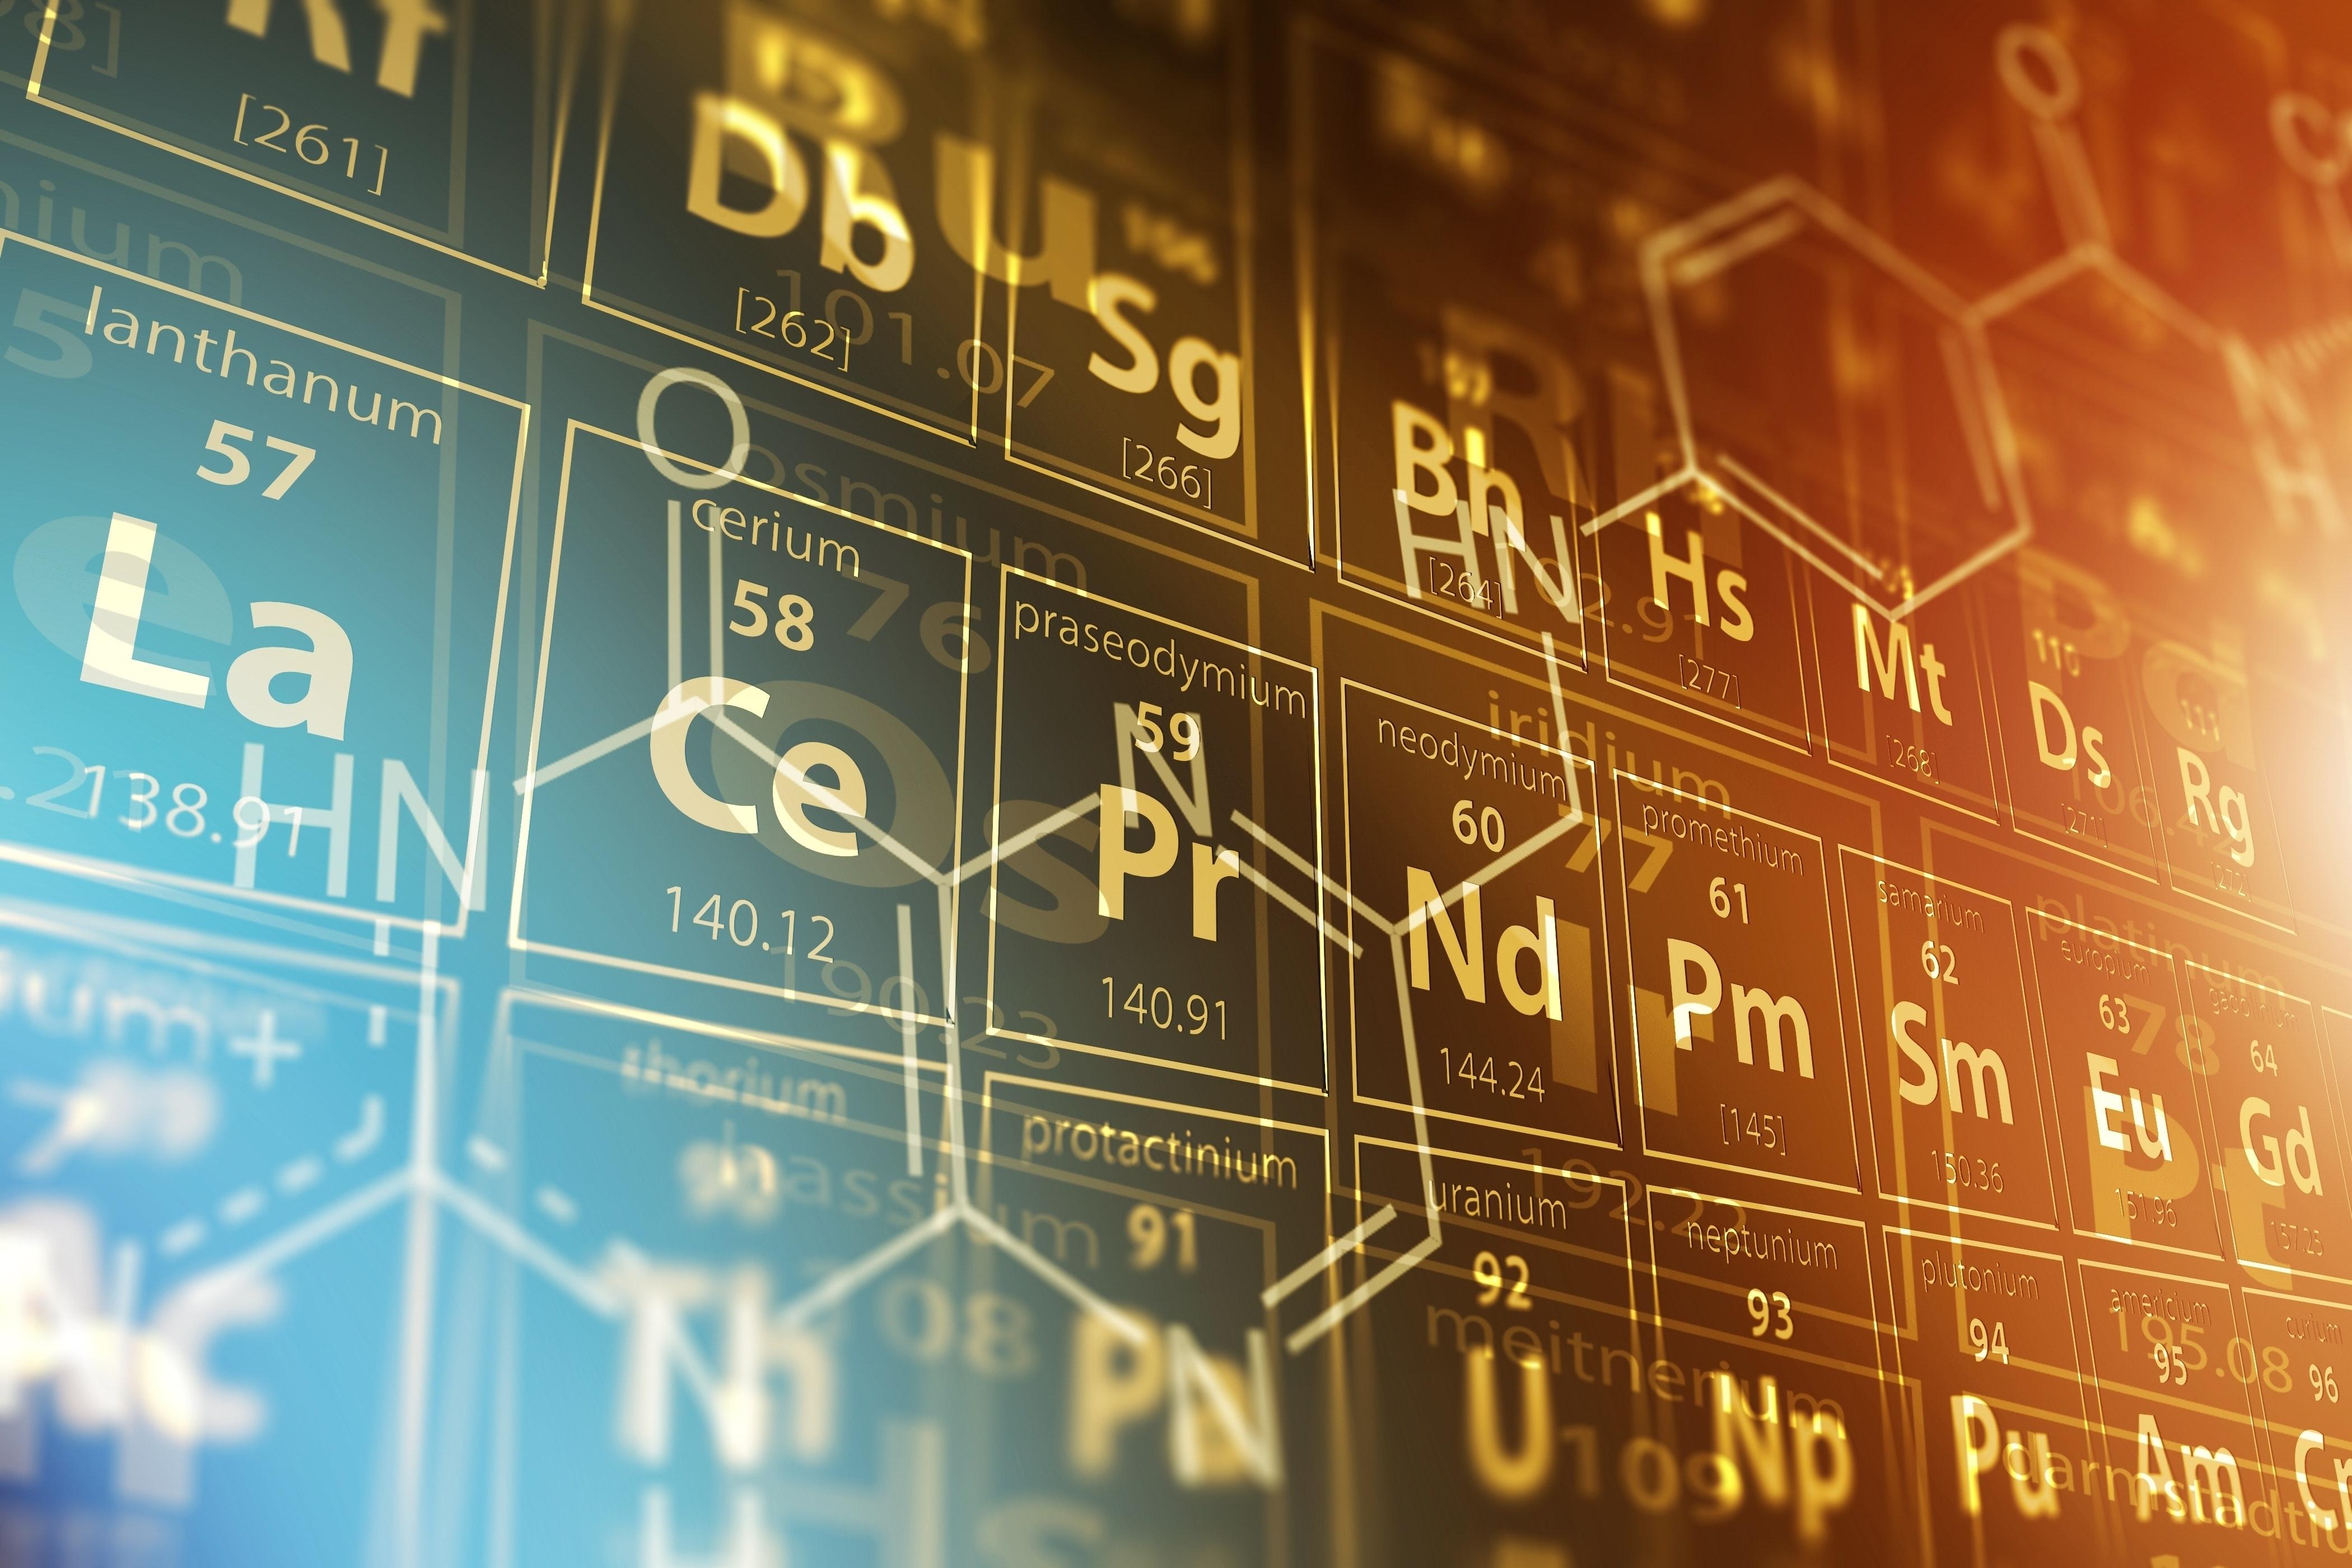 Det periodiske system - grunnstoffenes periodiske system